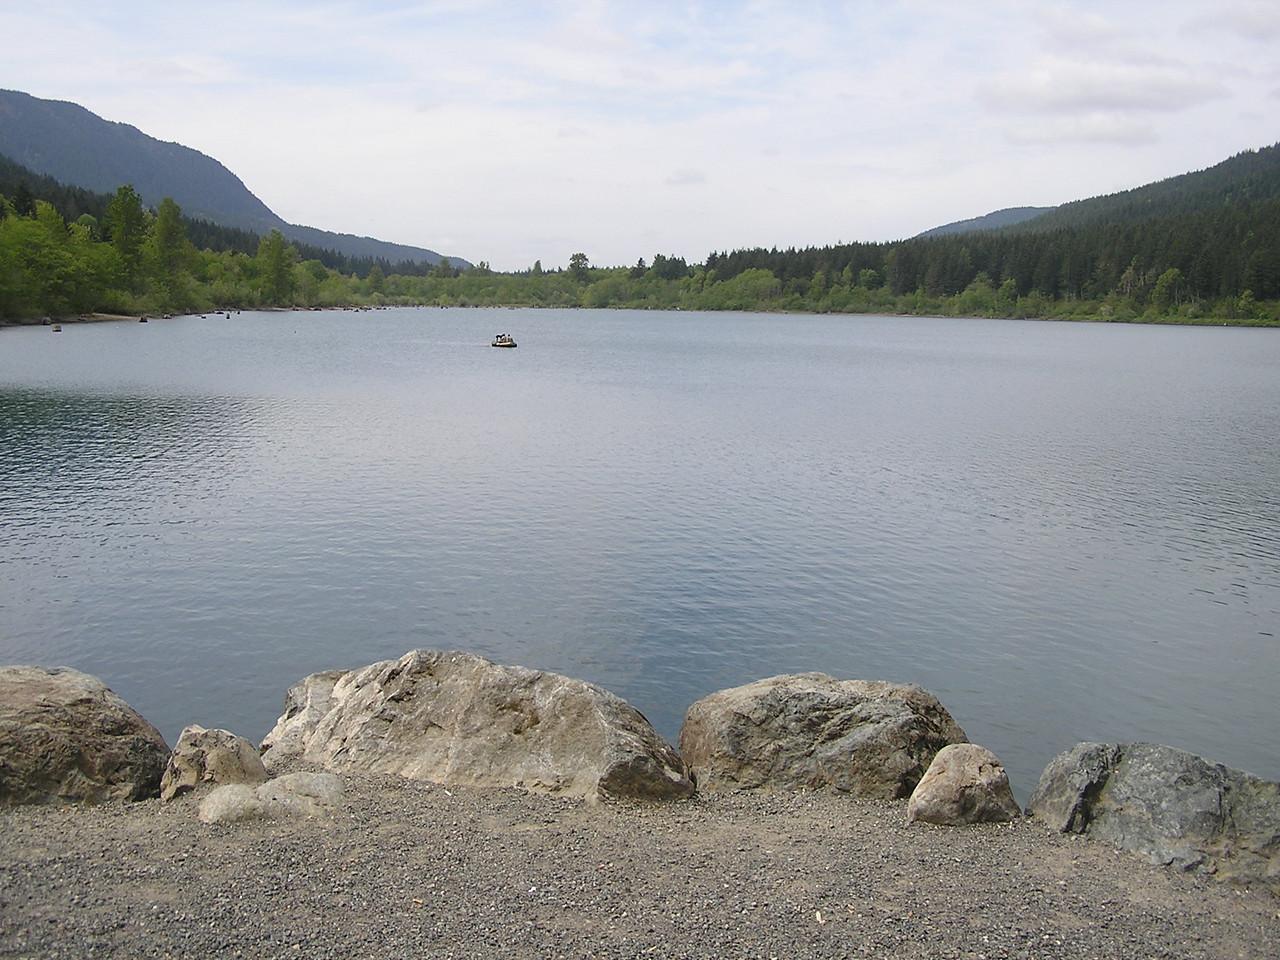 Rattlesnake Lake, South of North Bend, Washington.